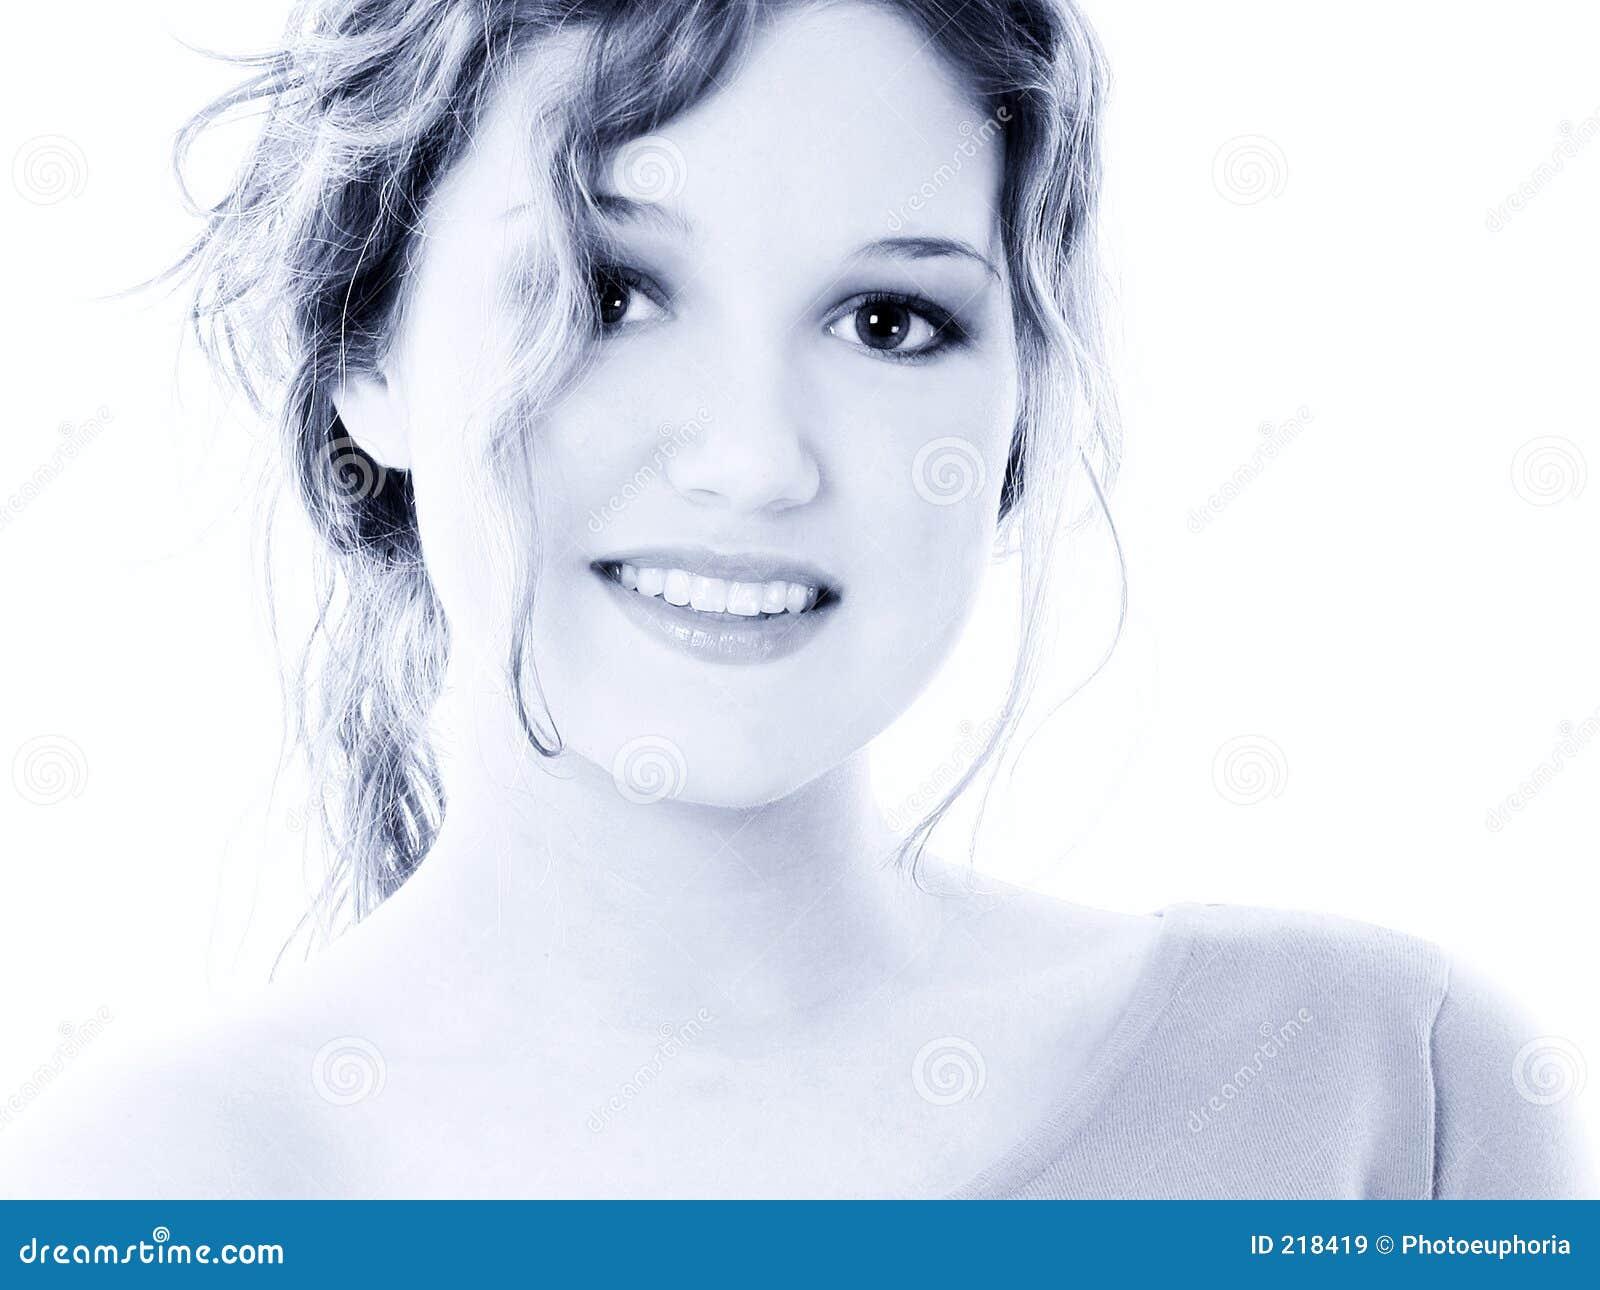 Piękne niebieskie starych 16 dziewczyna portret brzmień zamiłowanie